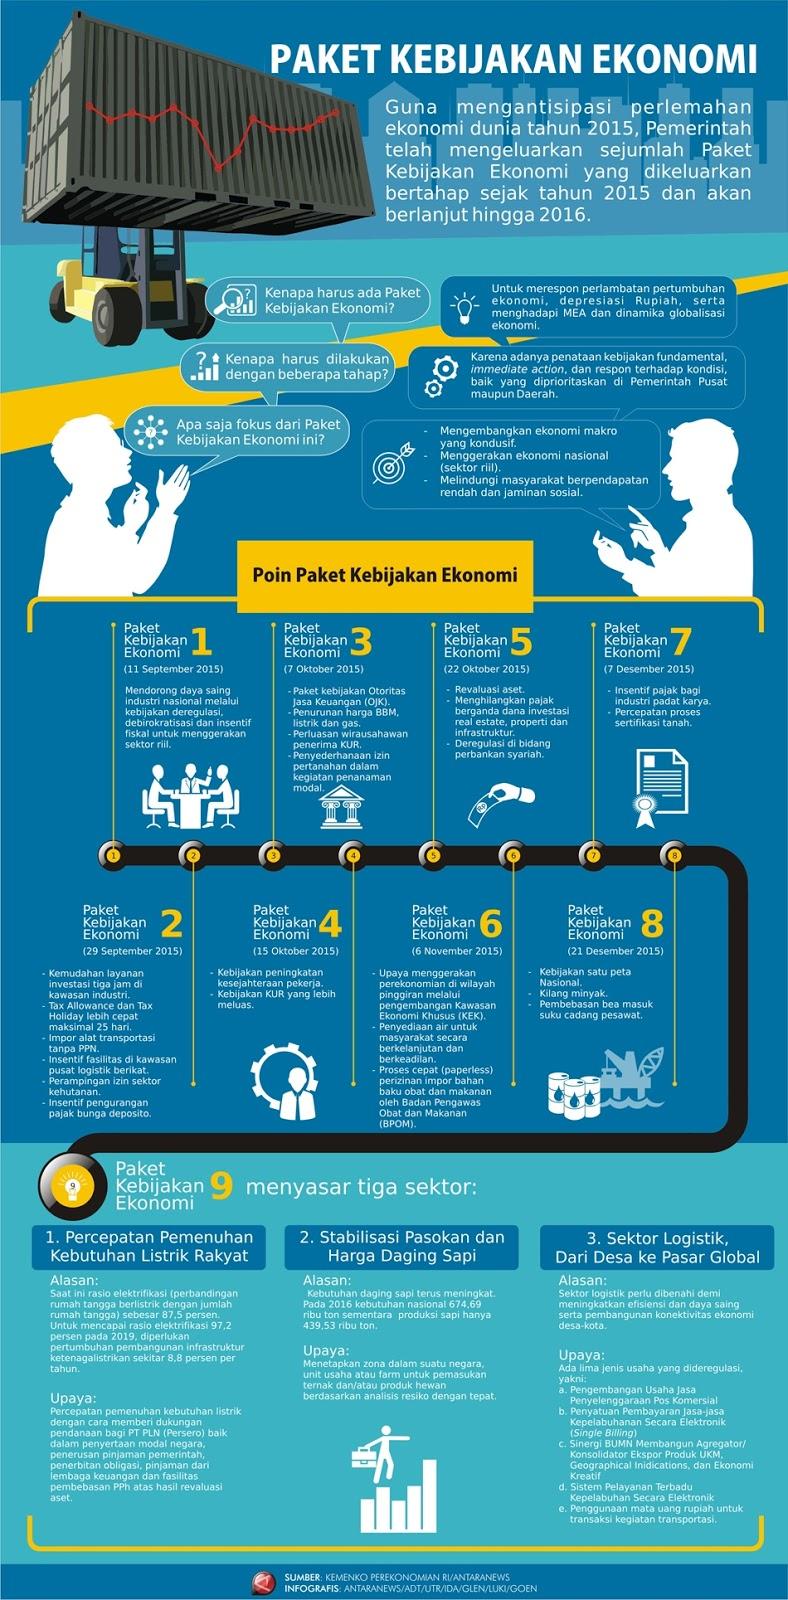 Infografis : Ini Sembilan Paket Kebijakan Ekonomi Pemerintahan Jokowi